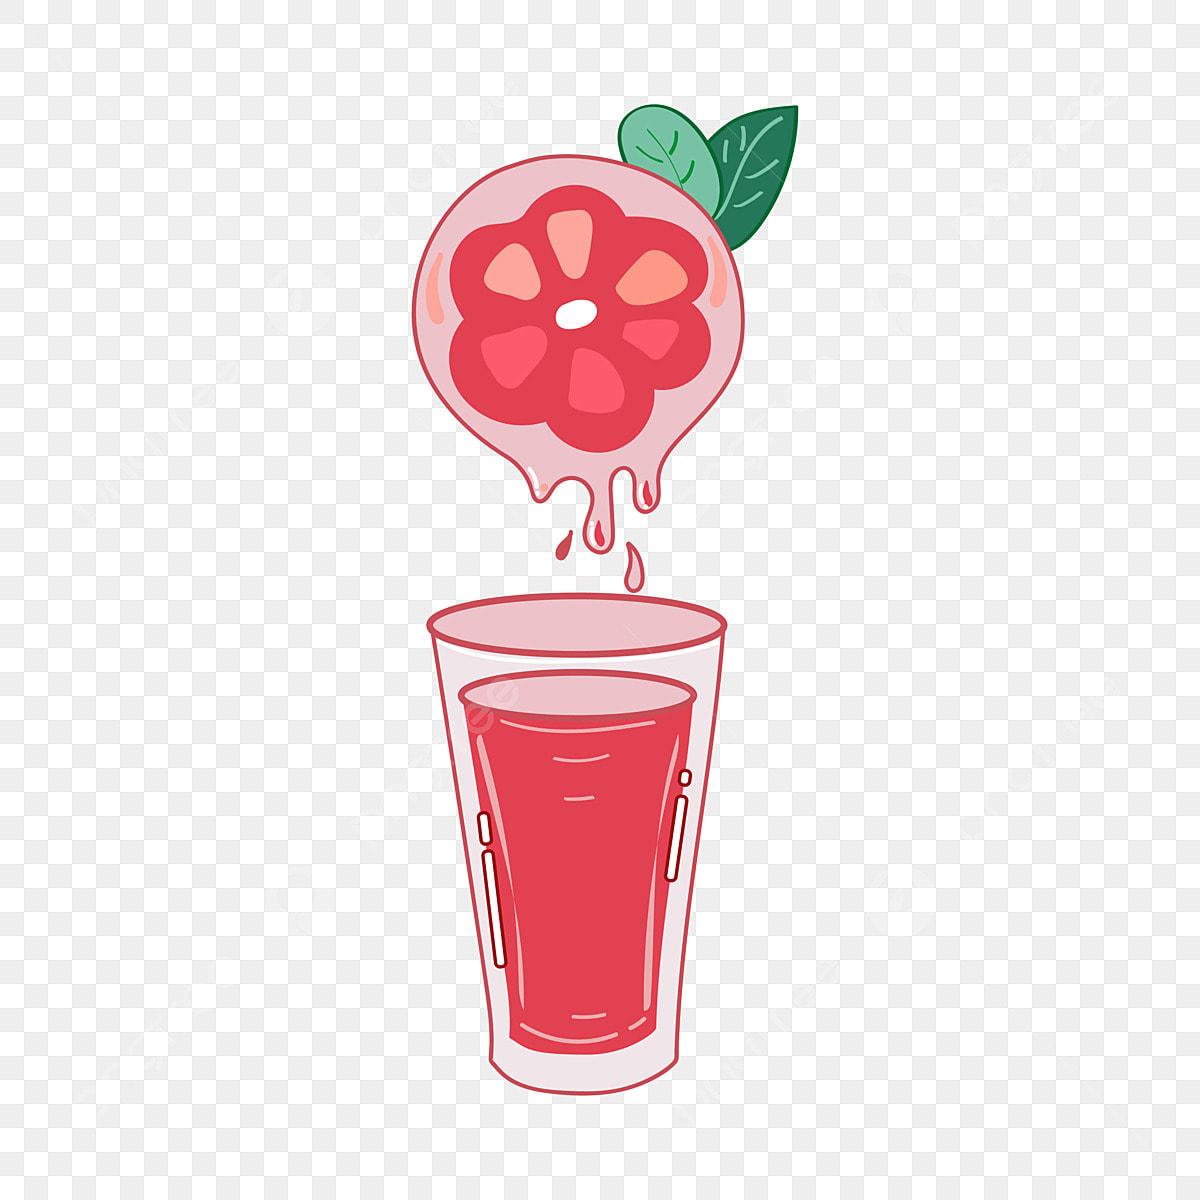 gambar gelas merah jambu comel minuman jus kartun jus merah jambu comel tangan jambu comel tangan png dan vektor untuk muat turun percuma https ms pngtree com freepng cartoon pink juice lovely hand painted 3847018 html